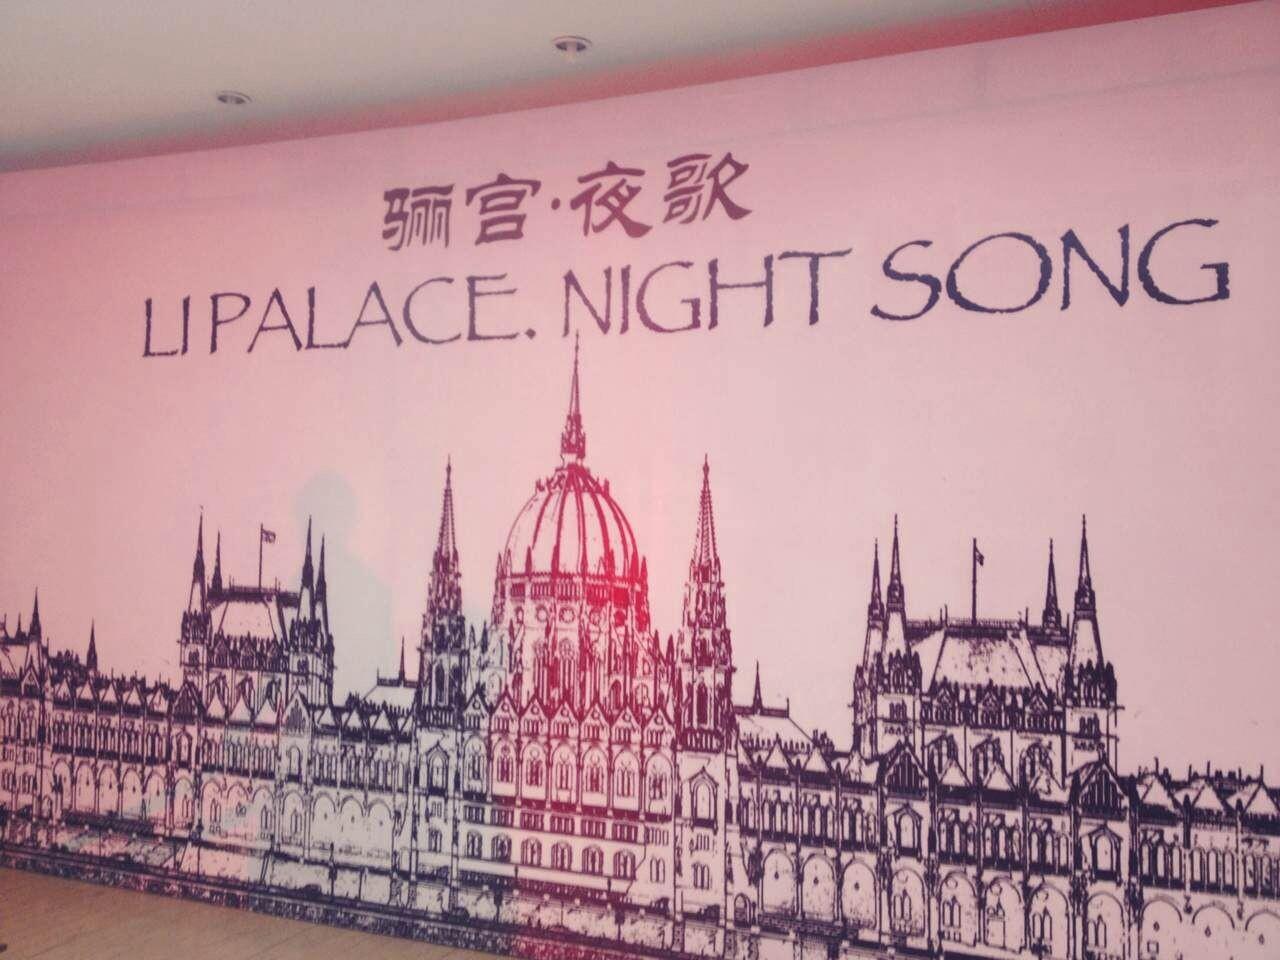 11月28日『骊宫夜宴』主题秀活动预告